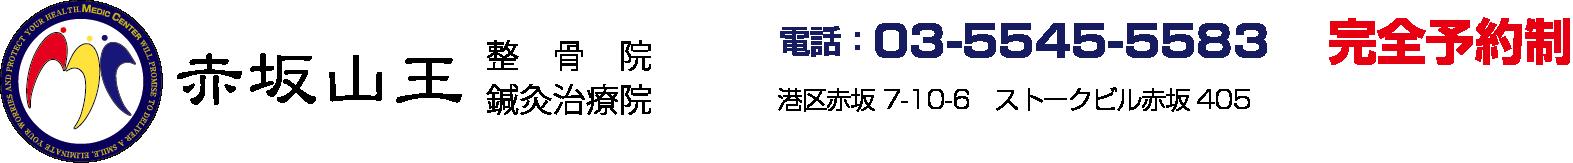 赤坂山王整骨院